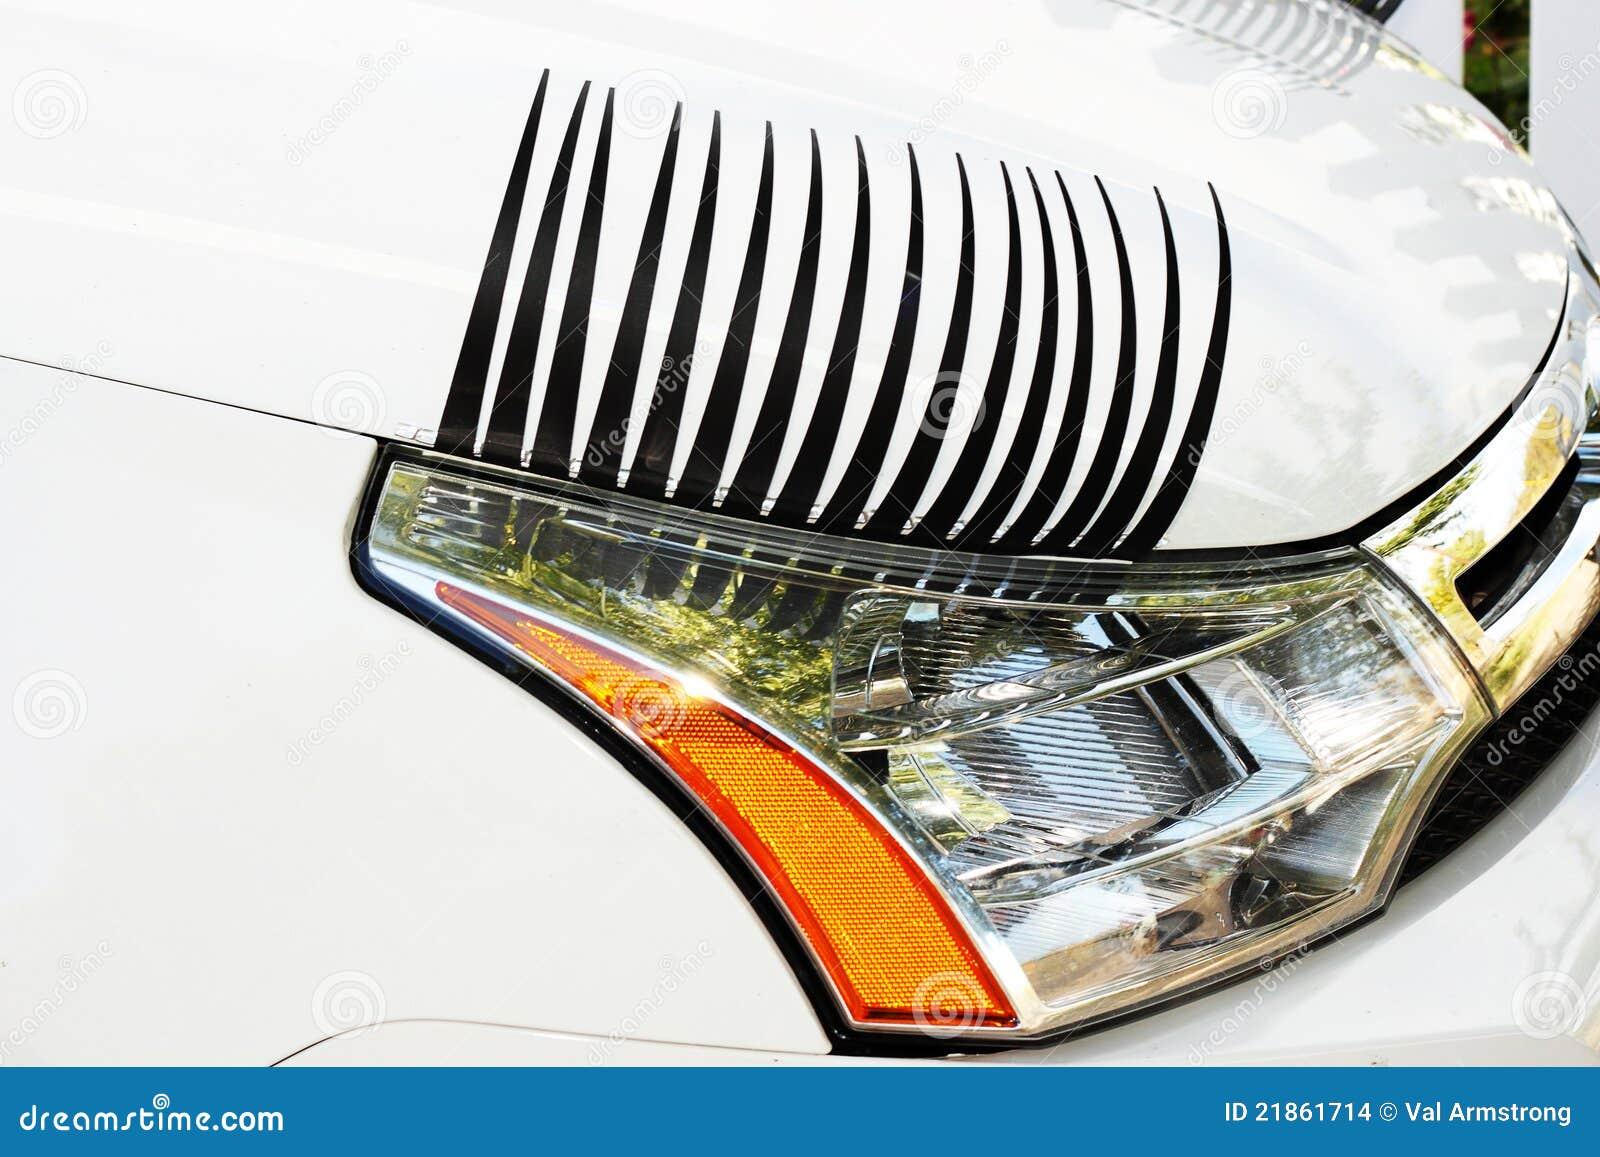 Car Eyelashes On Right Headlight Stock Photo Image Of Youth Black